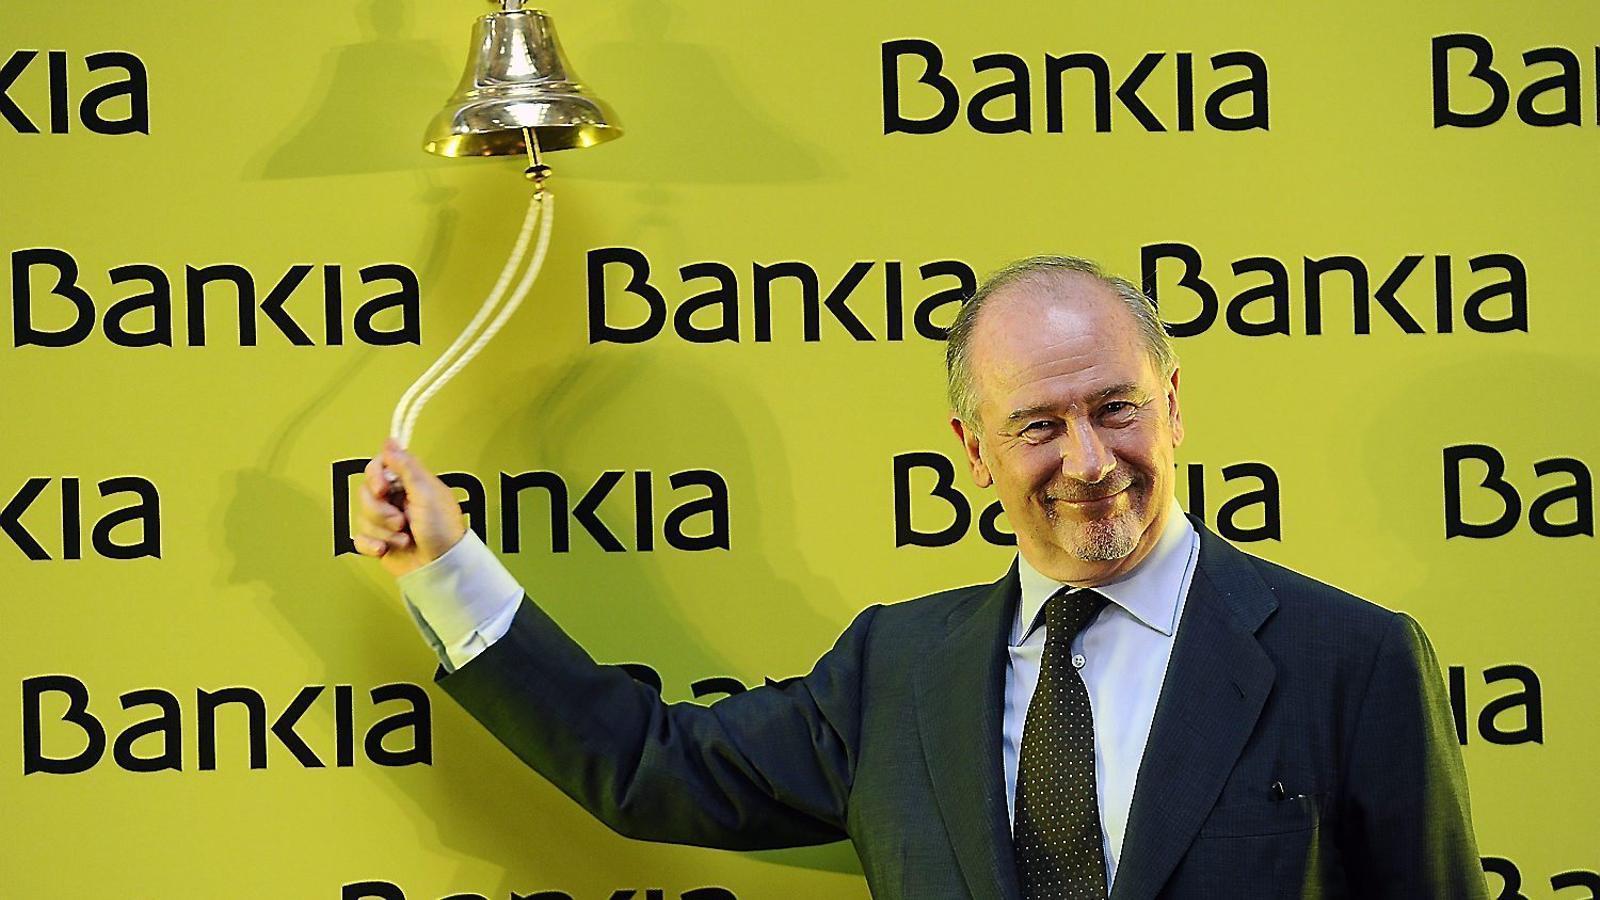 Rodrigo Rato va pilotar Bankia entre el 2010 i el 2012, i era el president de l'entitat quan va sortir a borsa el 20 de juliol del 2011.